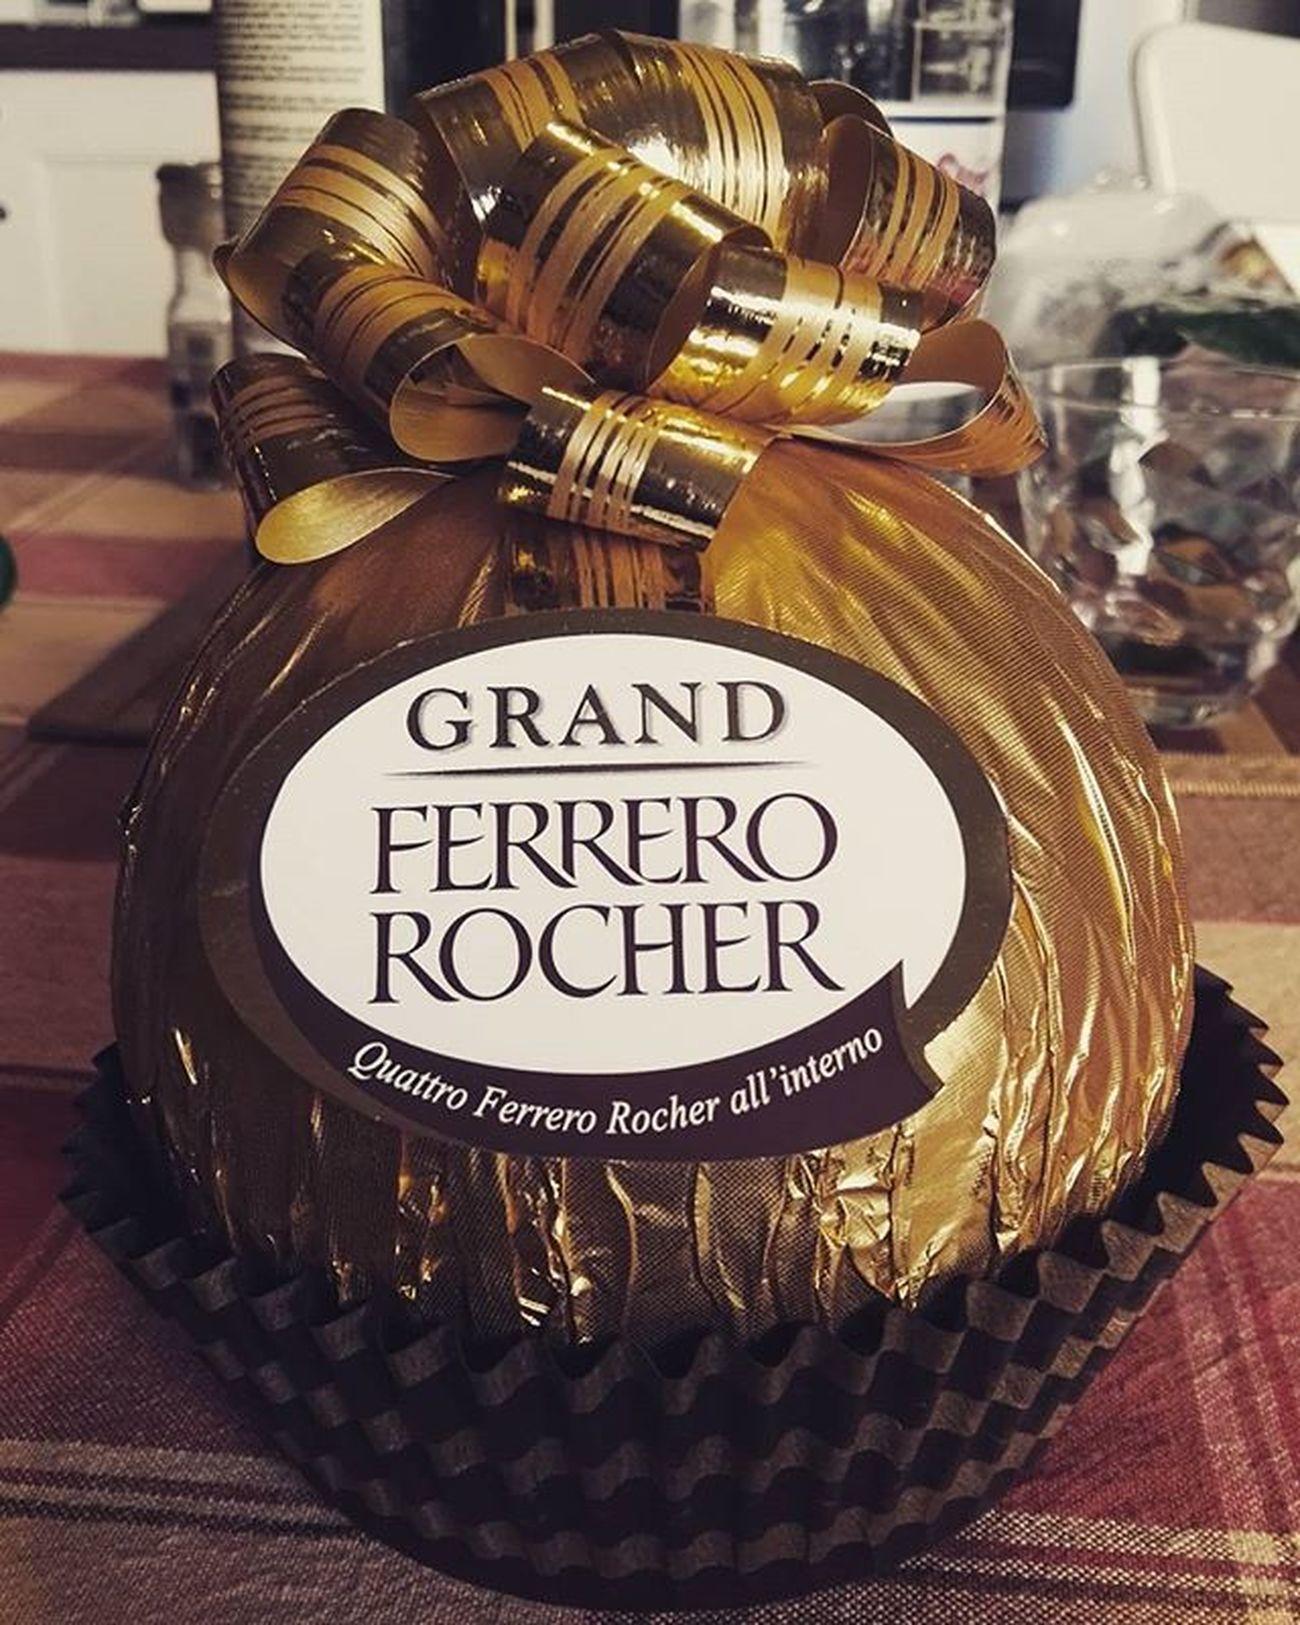 Ciaoni! Ciaoni Picoftheday Photooftheday Cioccolato Dolcé Foodporn Gnam Ferrero Ferrerorocher Dessert